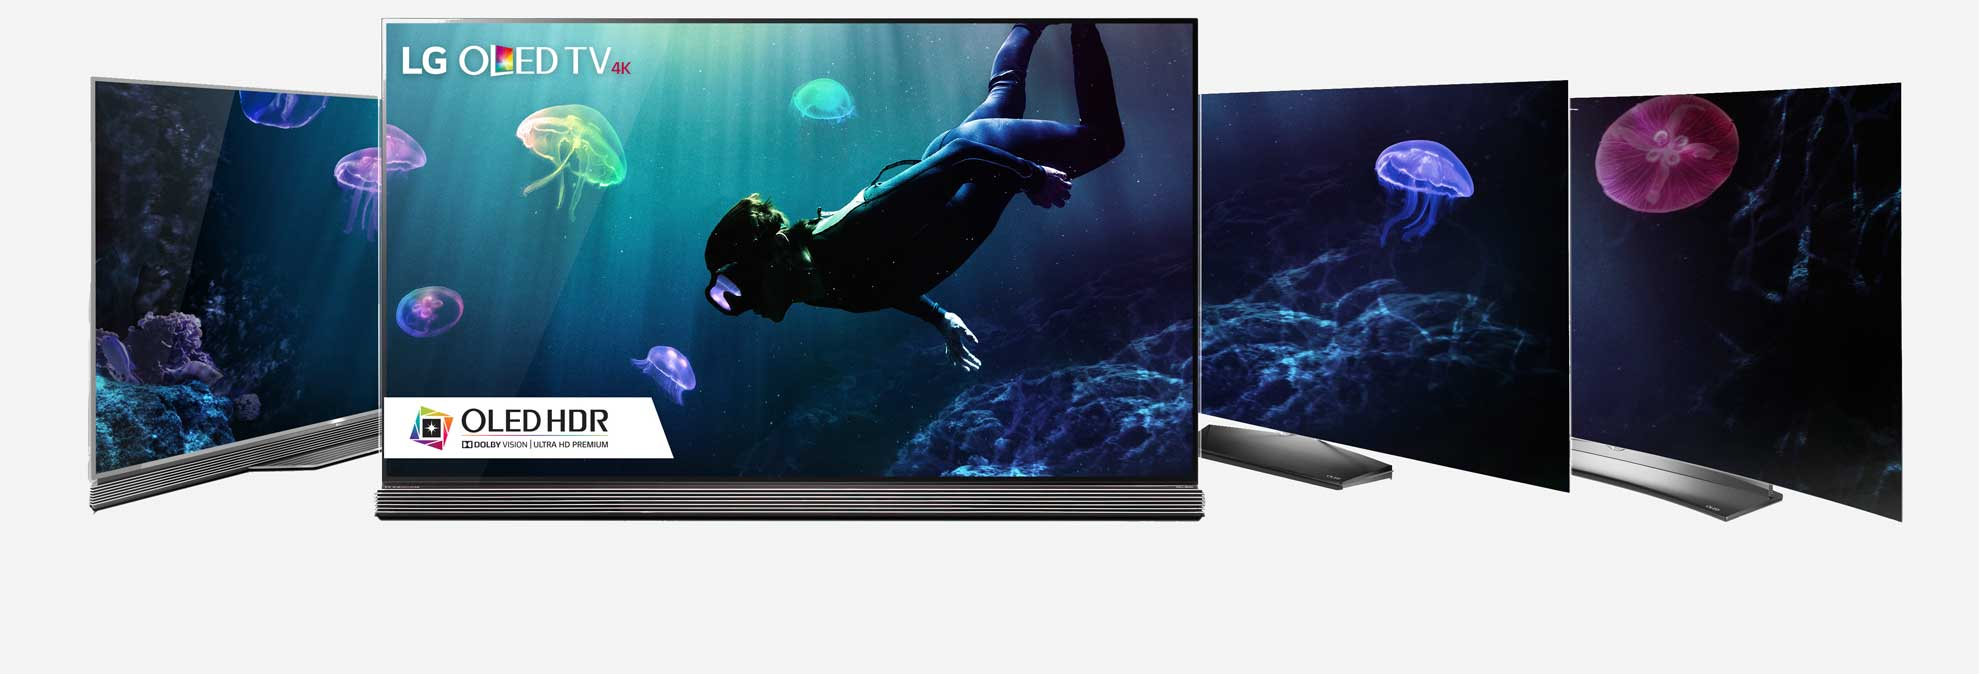 lg 4k oled tvs score big in consumer reports 39 tests. Black Bedroom Furniture Sets. Home Design Ideas